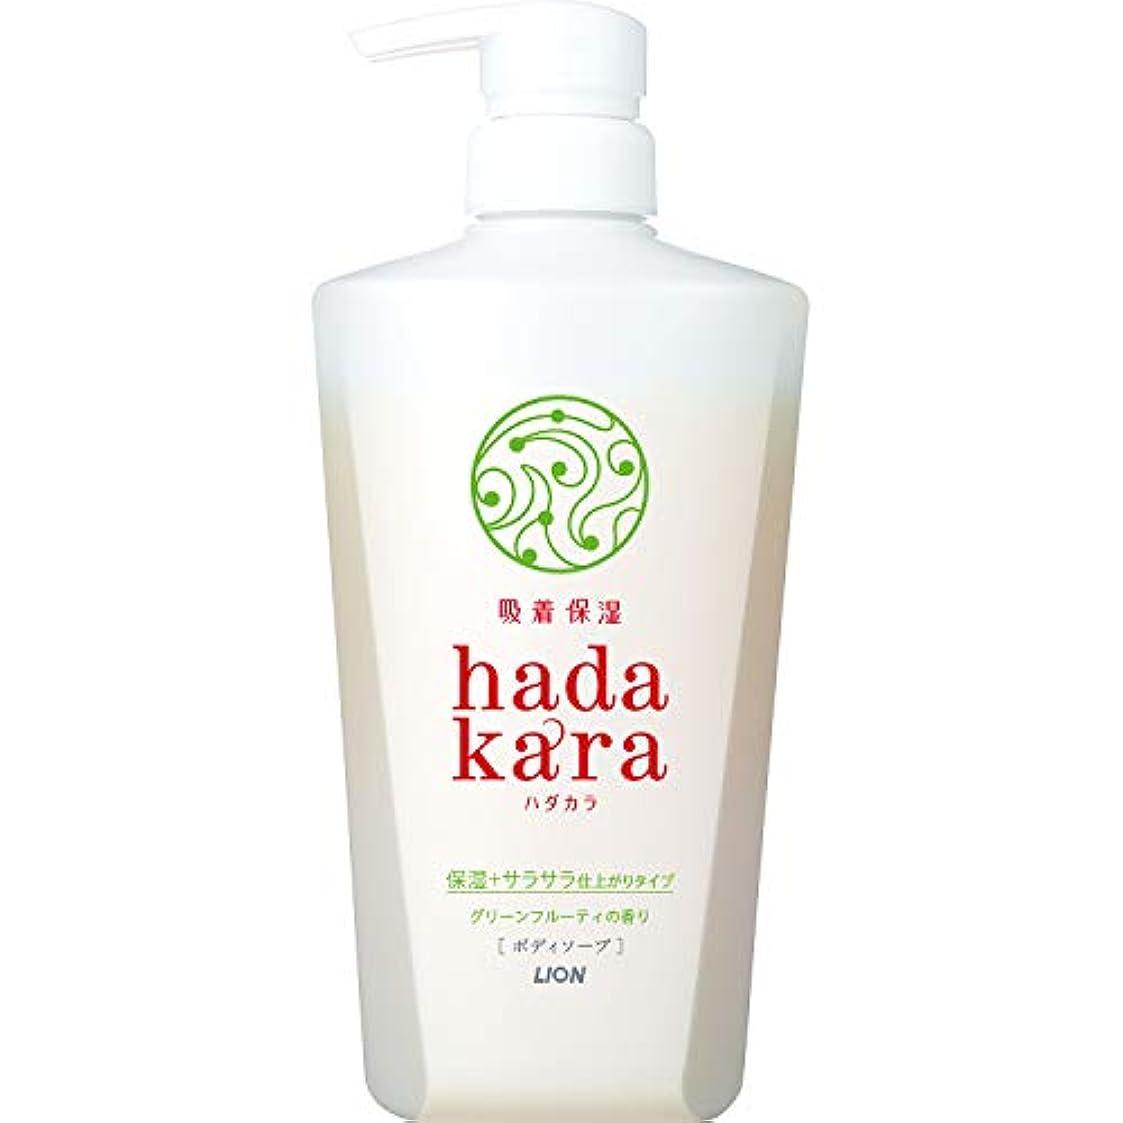 反響する納屋合金hadakara(ハダカラ) ボディソープ 保湿+サラサラ仕上がりタイプ グリーンフルーティの香り 本体 480ml